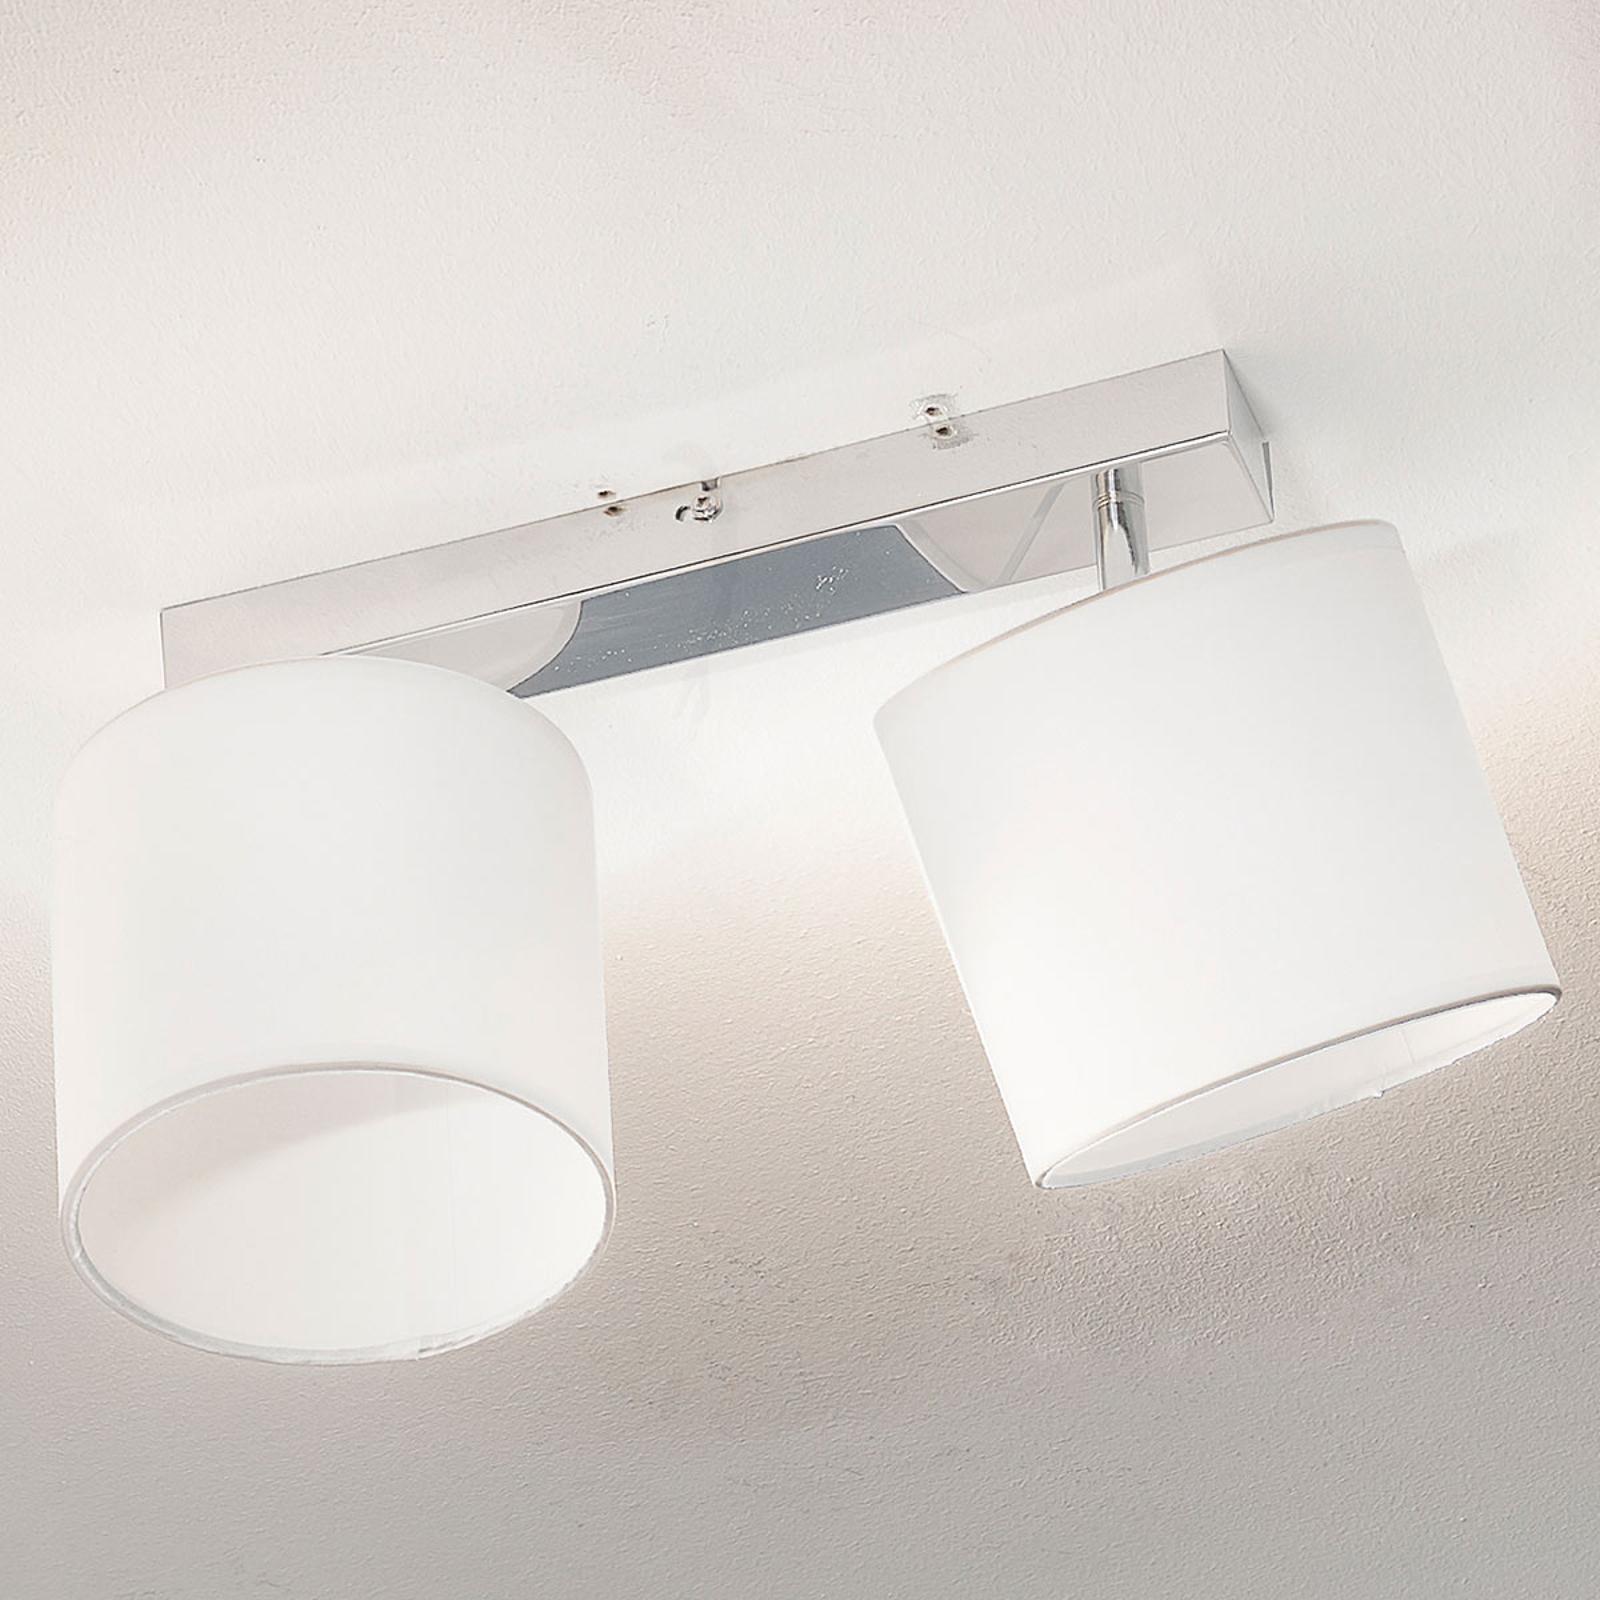 Atractiva lámpara de techo Sandra de 2 llamas